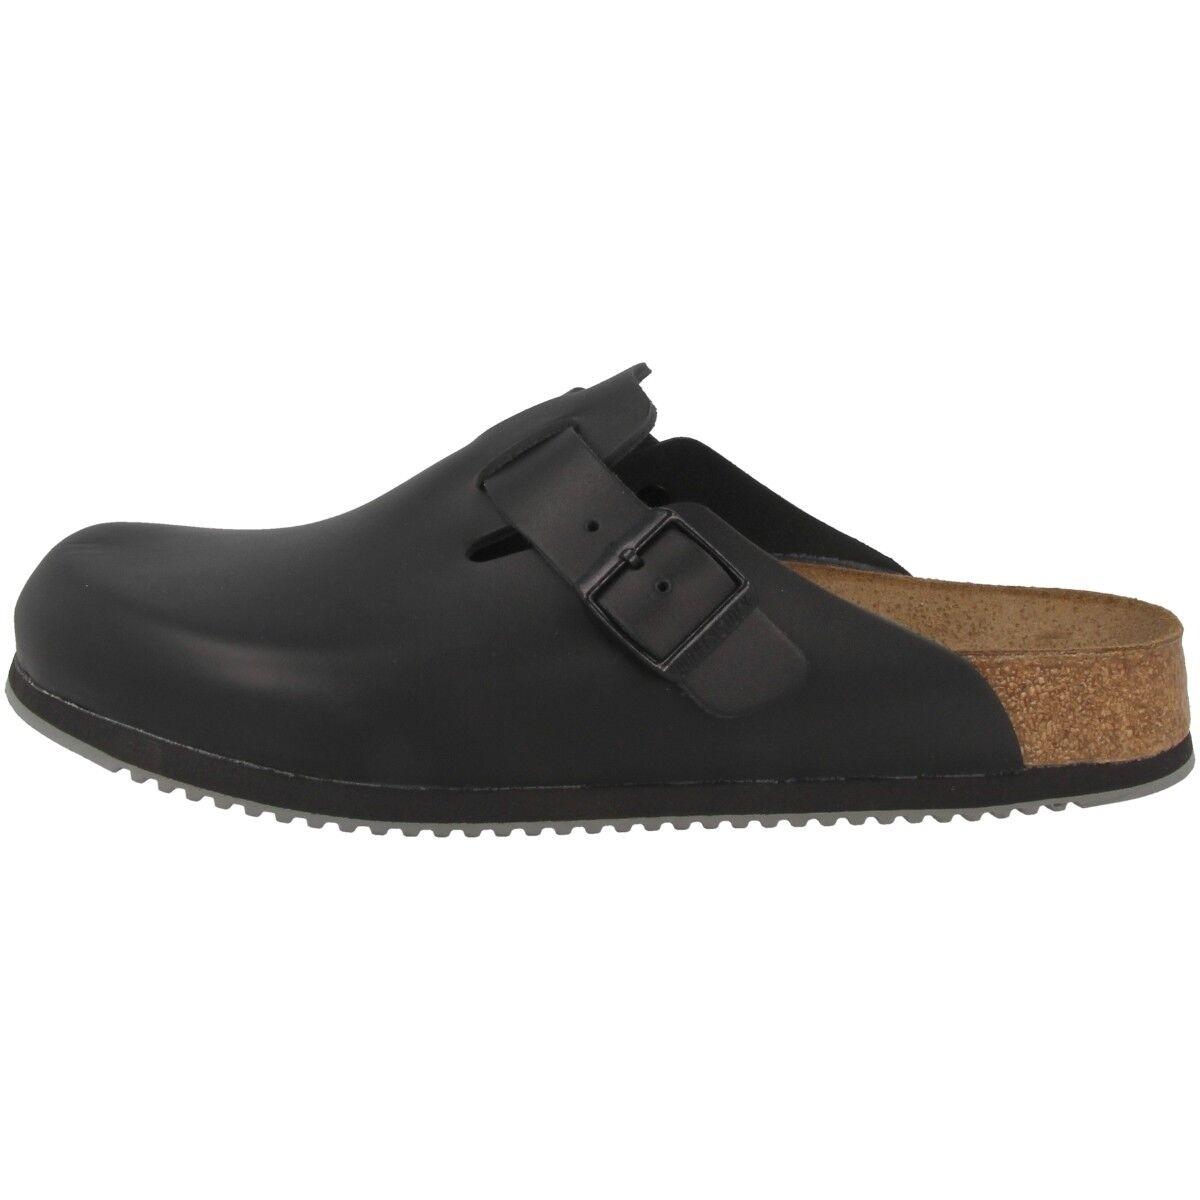 Birkenstock Boston SL Weite Naturleder Clogs Pantoletten Schuhe Weite SL normal 060194 6813a7